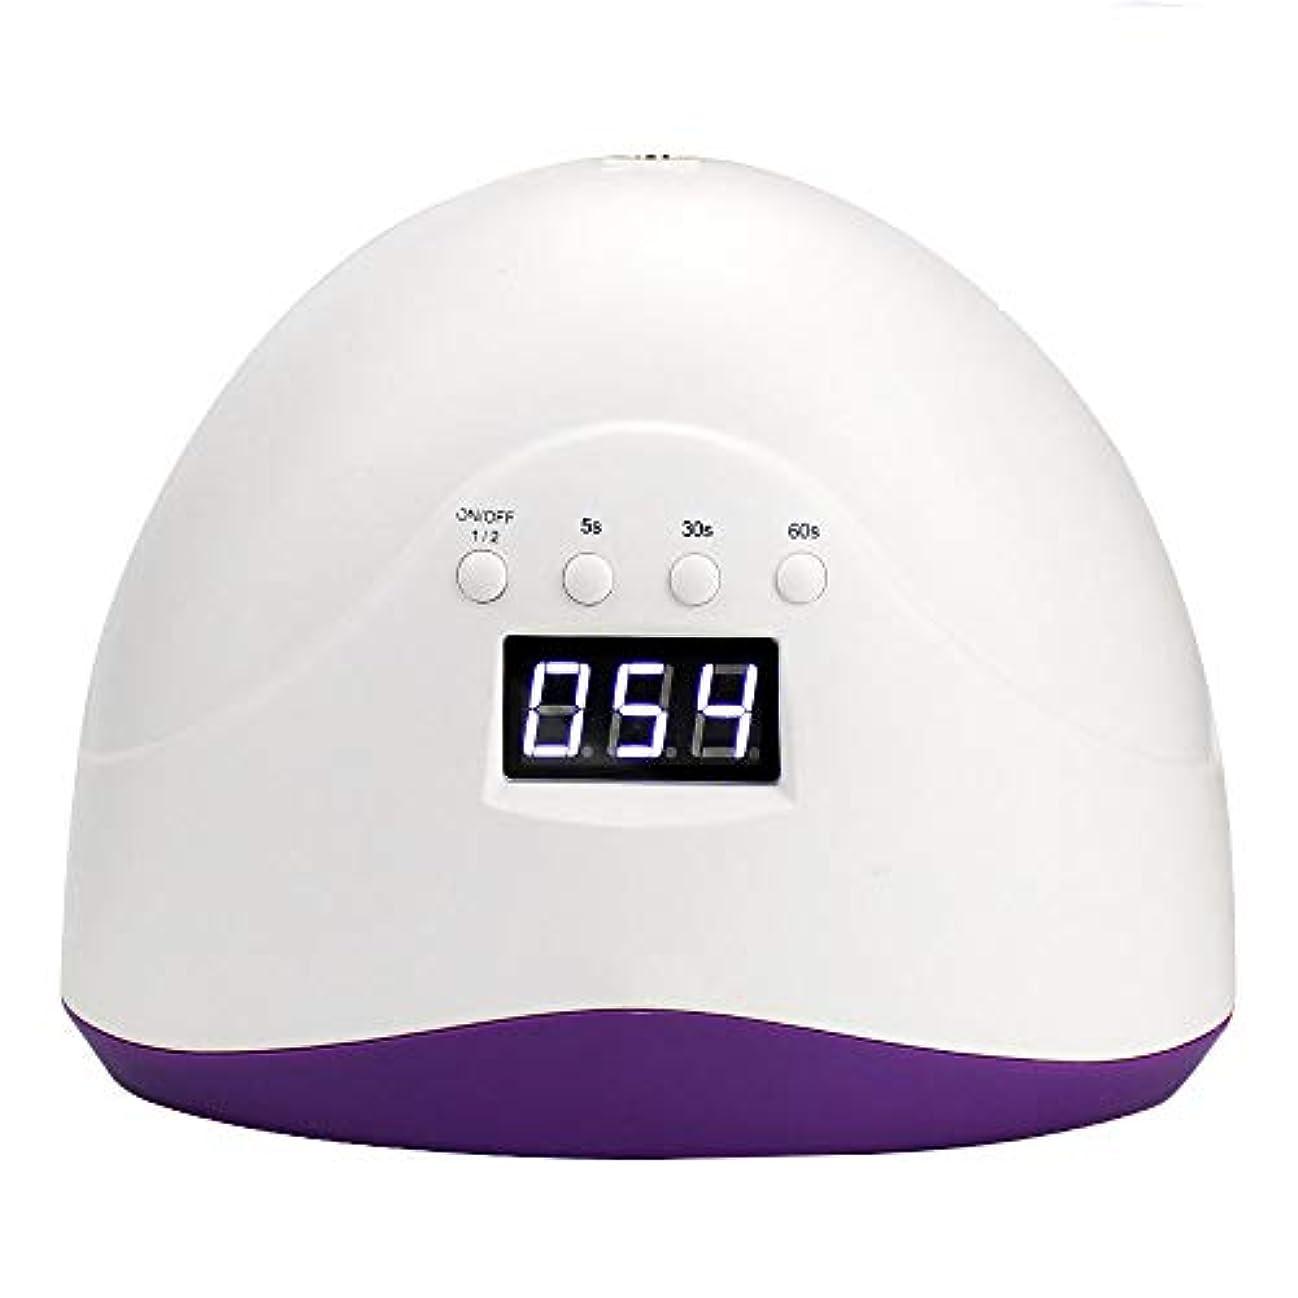 生活不測の事態うまくやる()ネイルドライヤー5秒クイックドライ3ギアセット24W / 48Wデュアルパワーネイルドライヤー,Purple